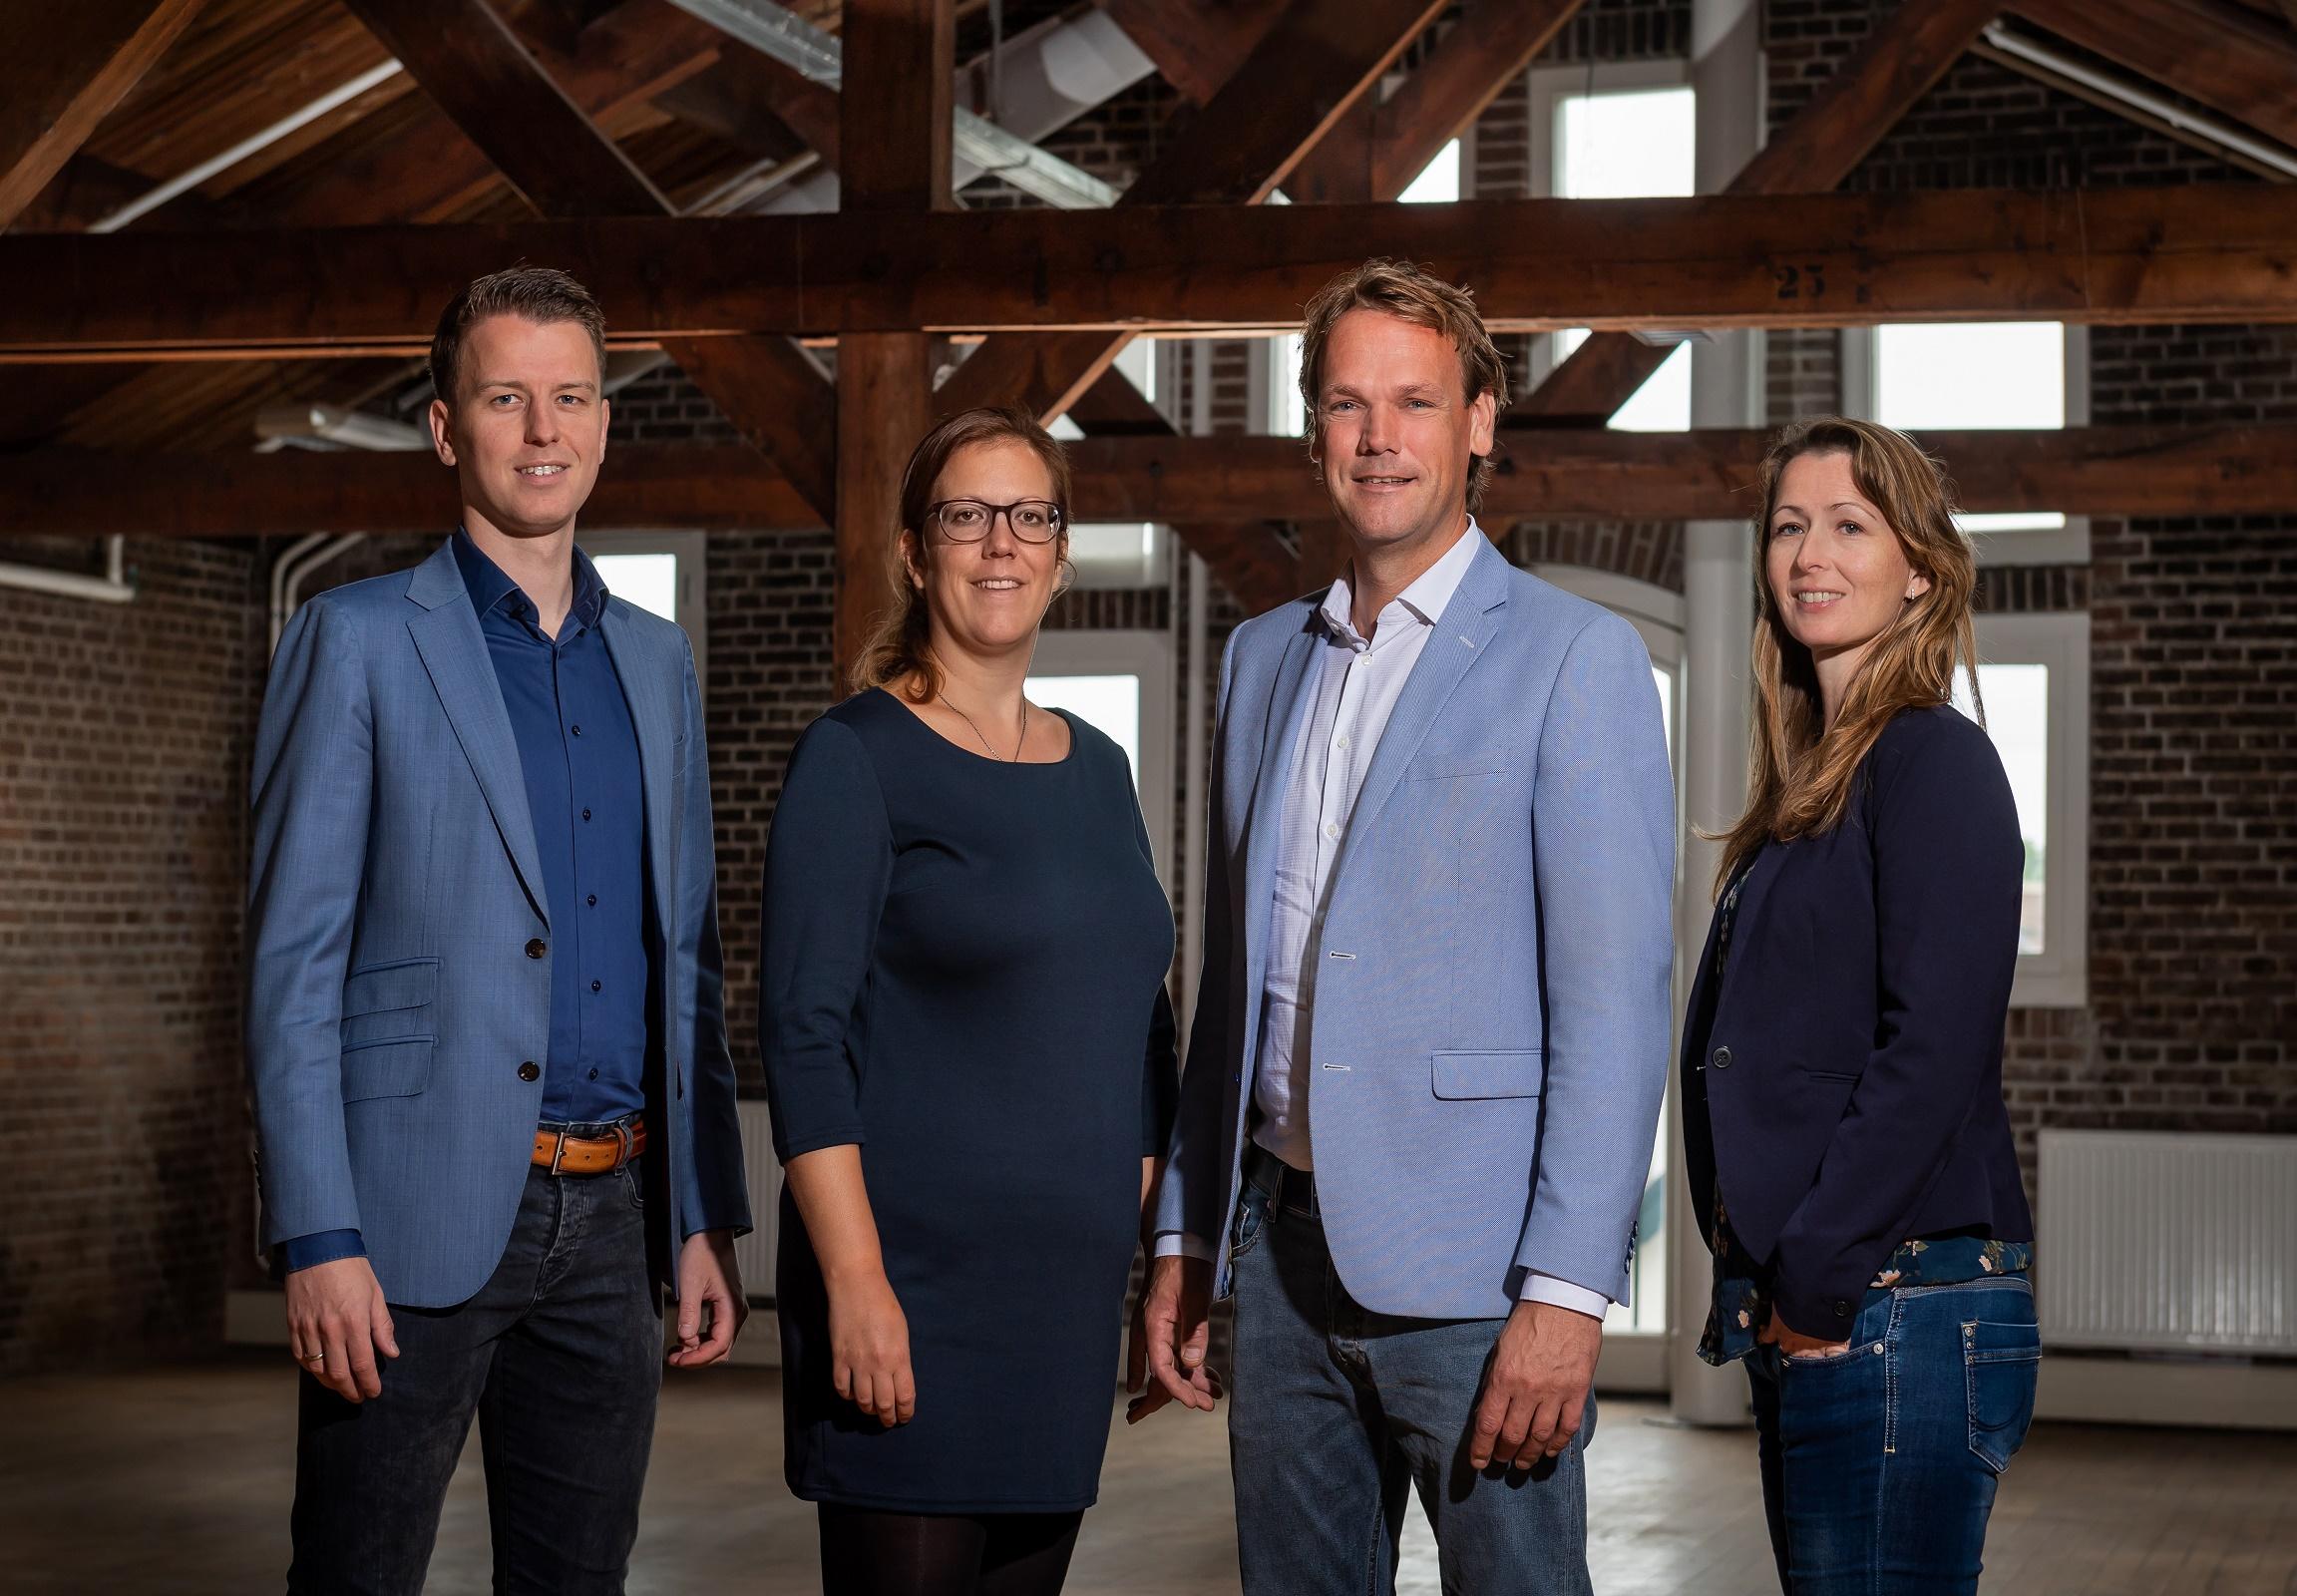 Het team van Louter Recruitment: Jeffrey, Heline, Timo en Zoraida